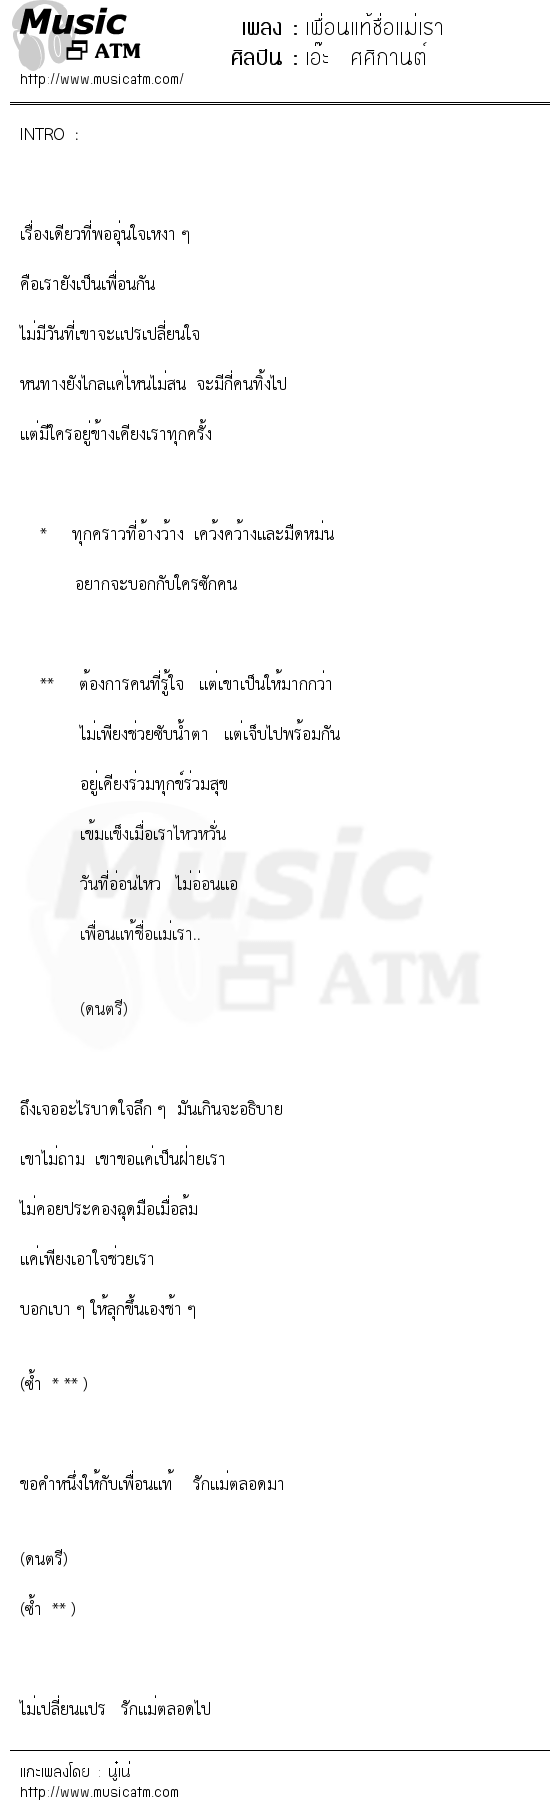 เนื้อเพลง เพื่อนแท้ชื่อแม่เรา - เอ๊ะ ศศิกานต์   เพลงไทย